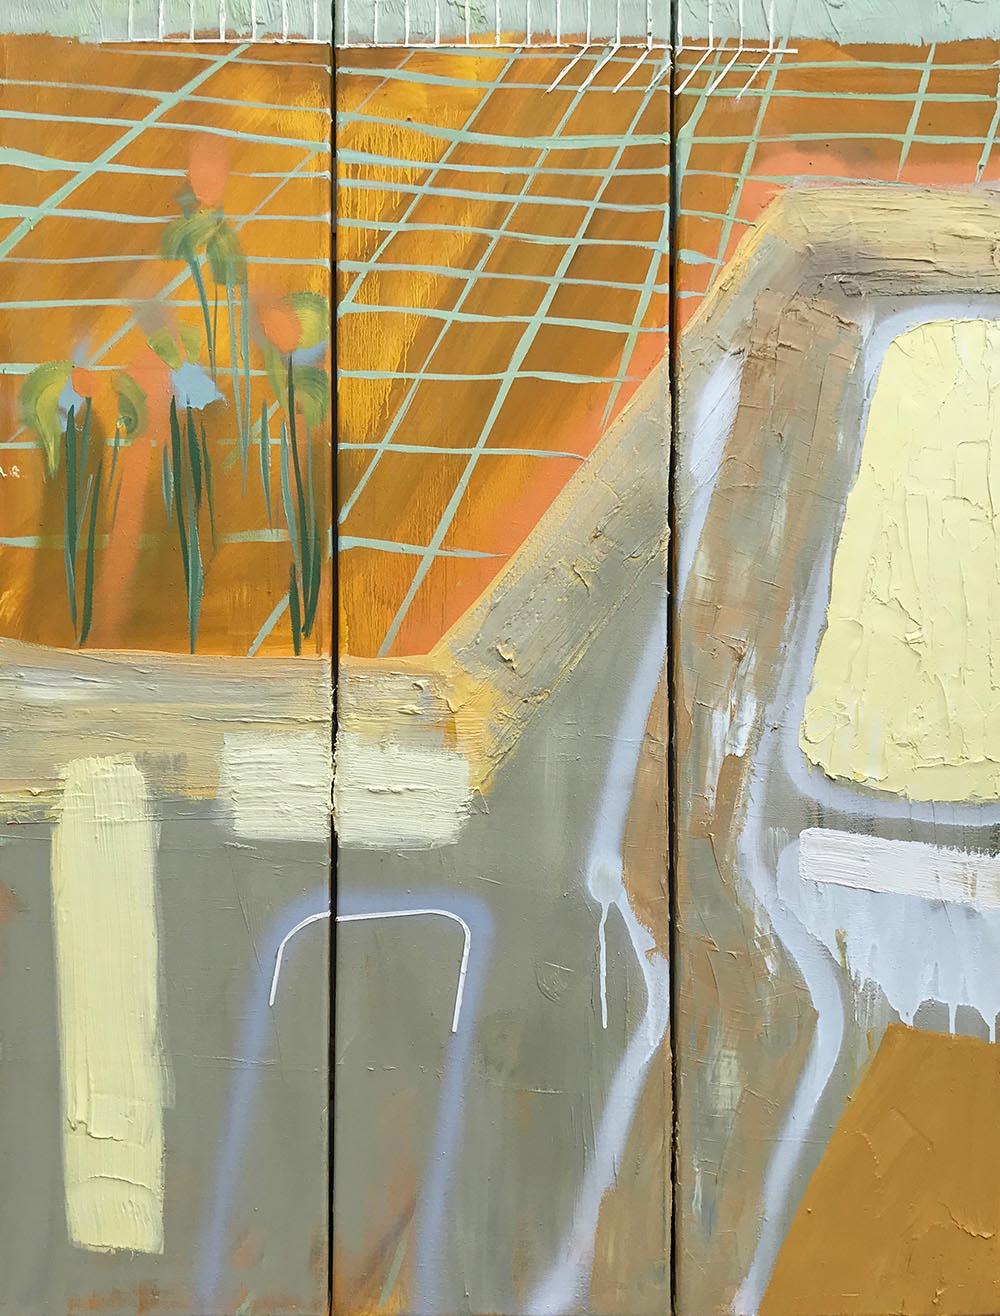 Natacha Mankowski, Pool #2, 2018, oil on canvas, 90x120 cm